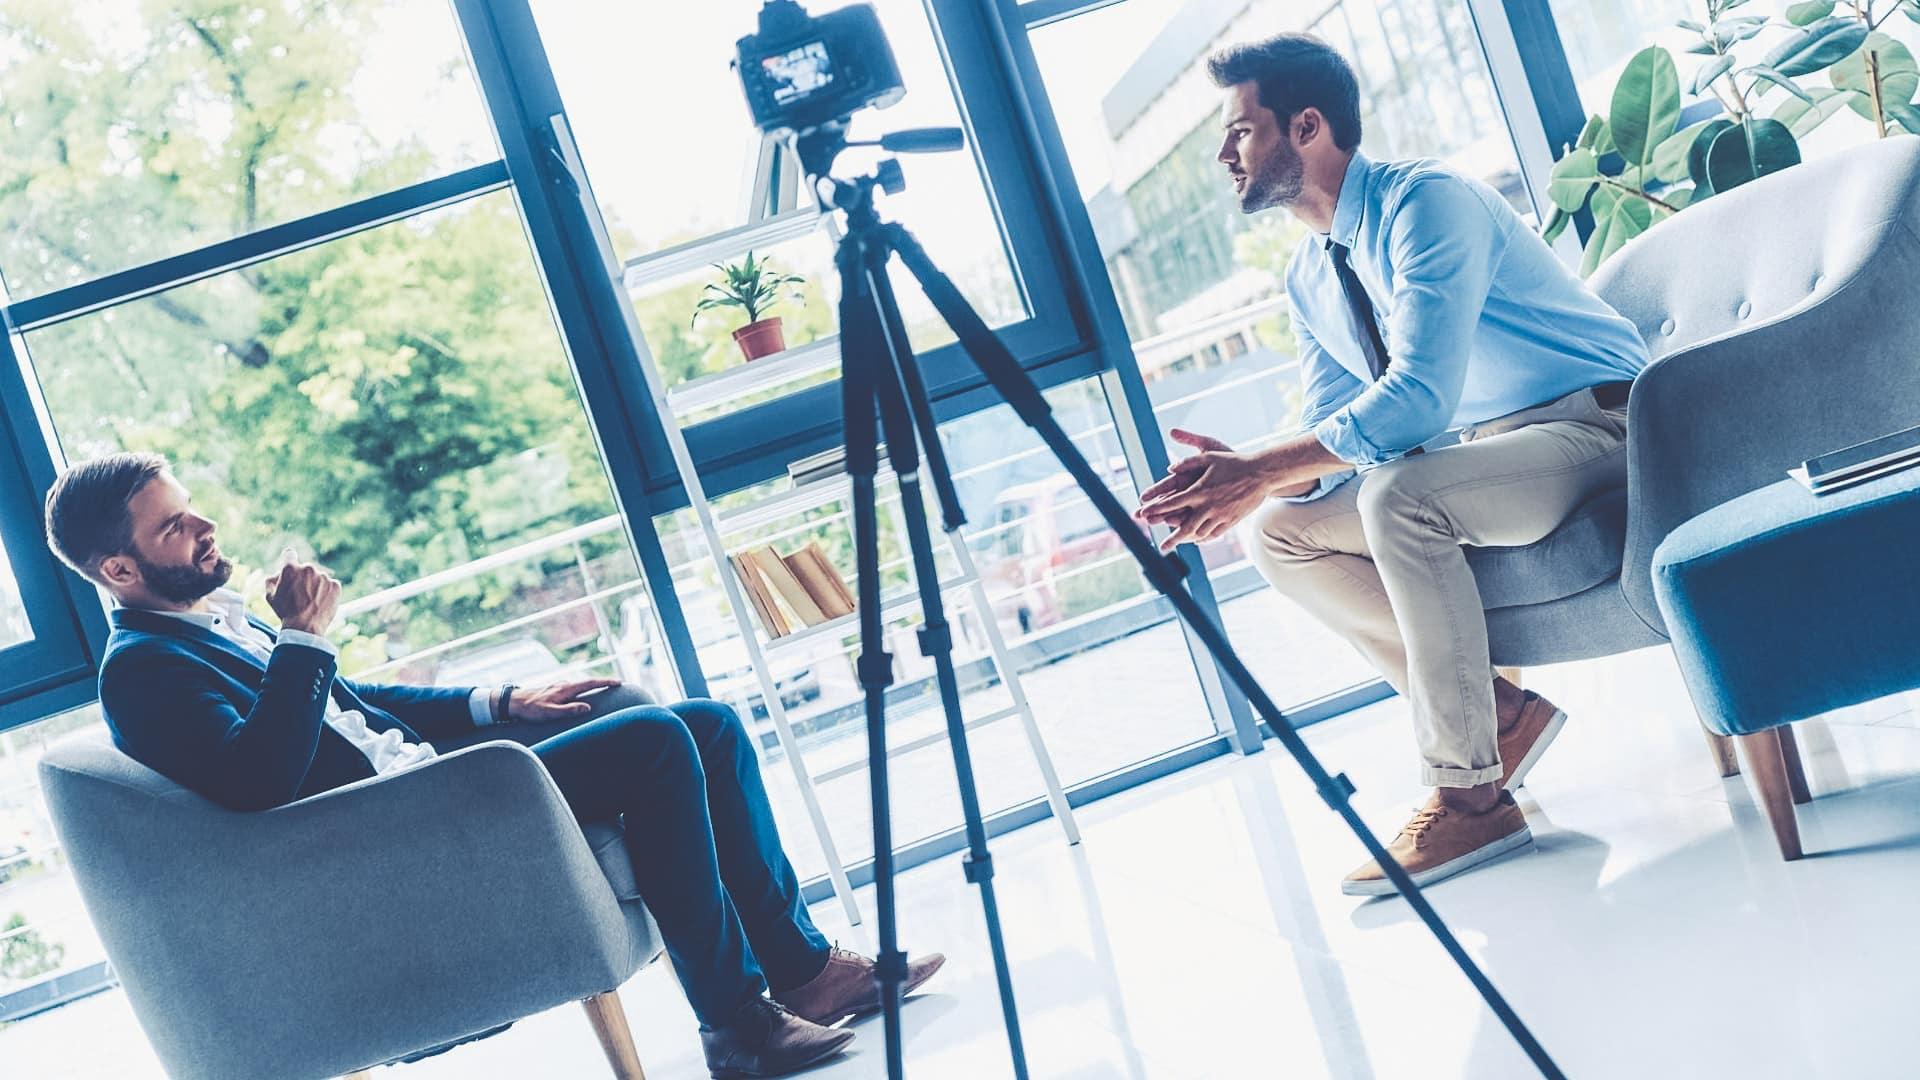 Production audiovisuel Tournage video nouvelle ere www.nouvelleereproduction reportage vidéo